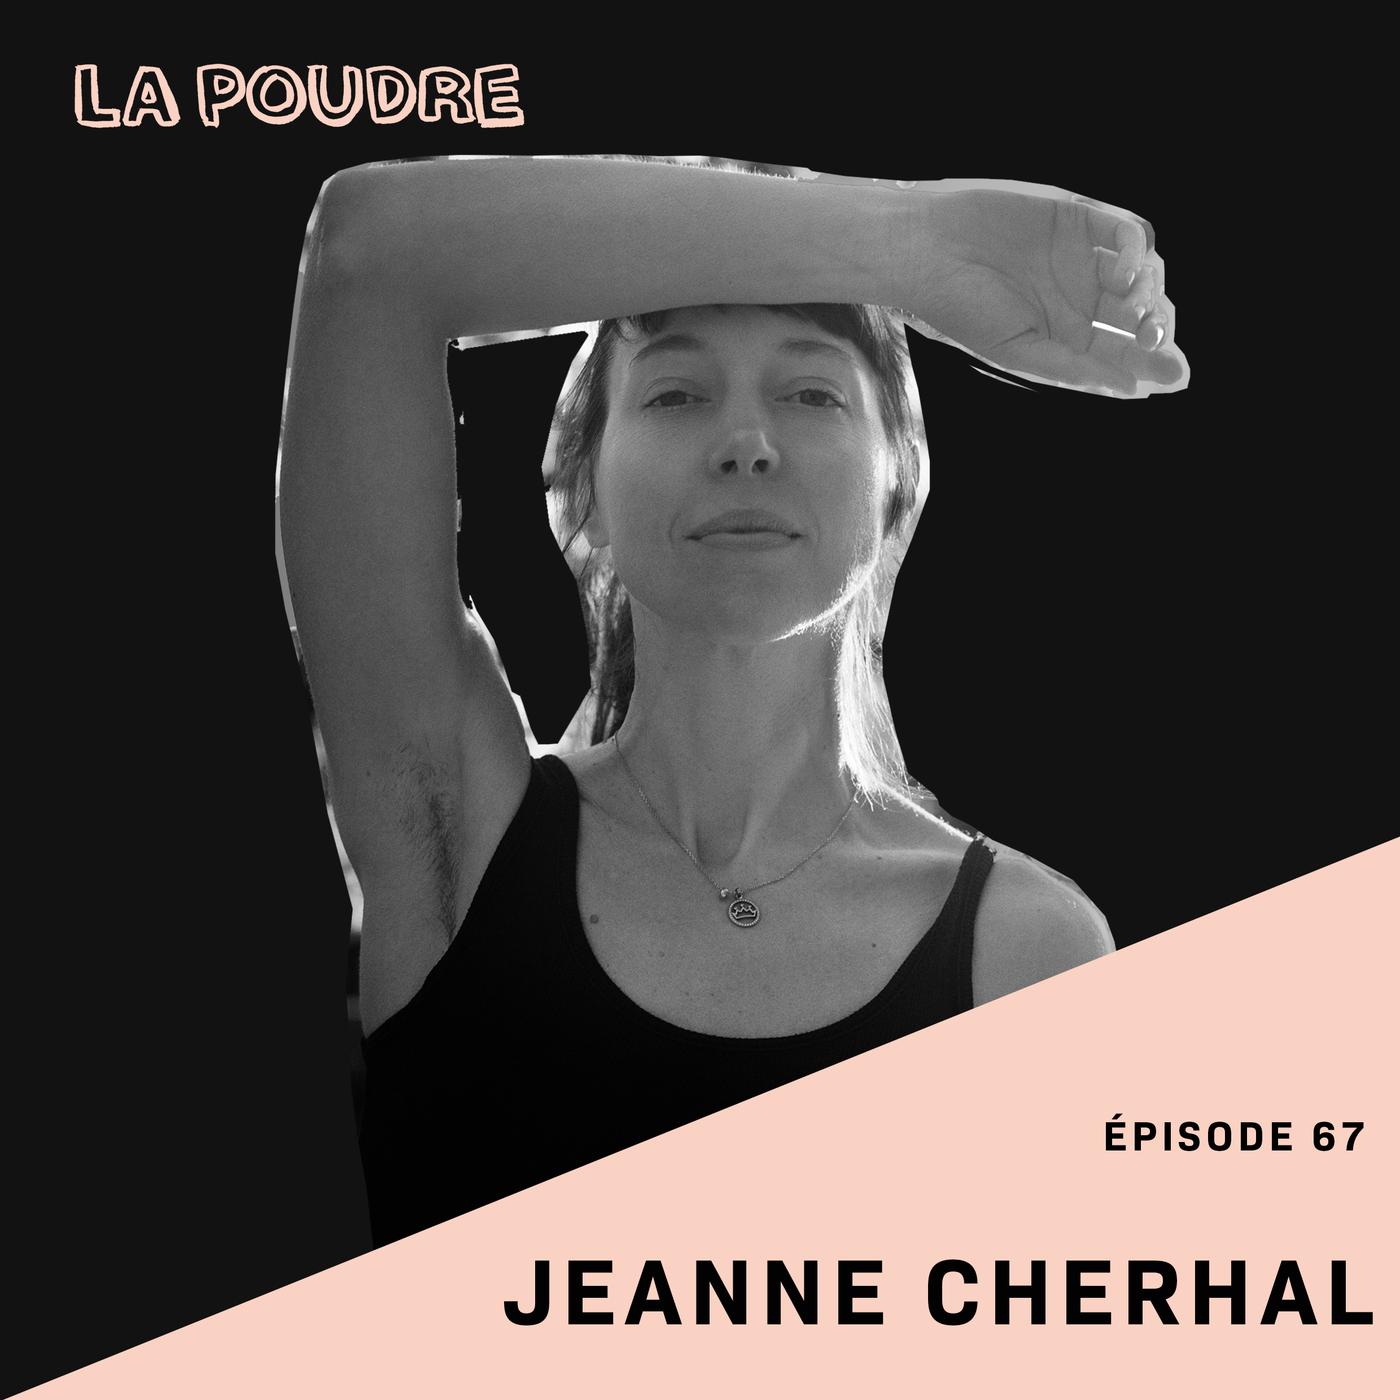 Épisode 67 - Jeanne Cherhal